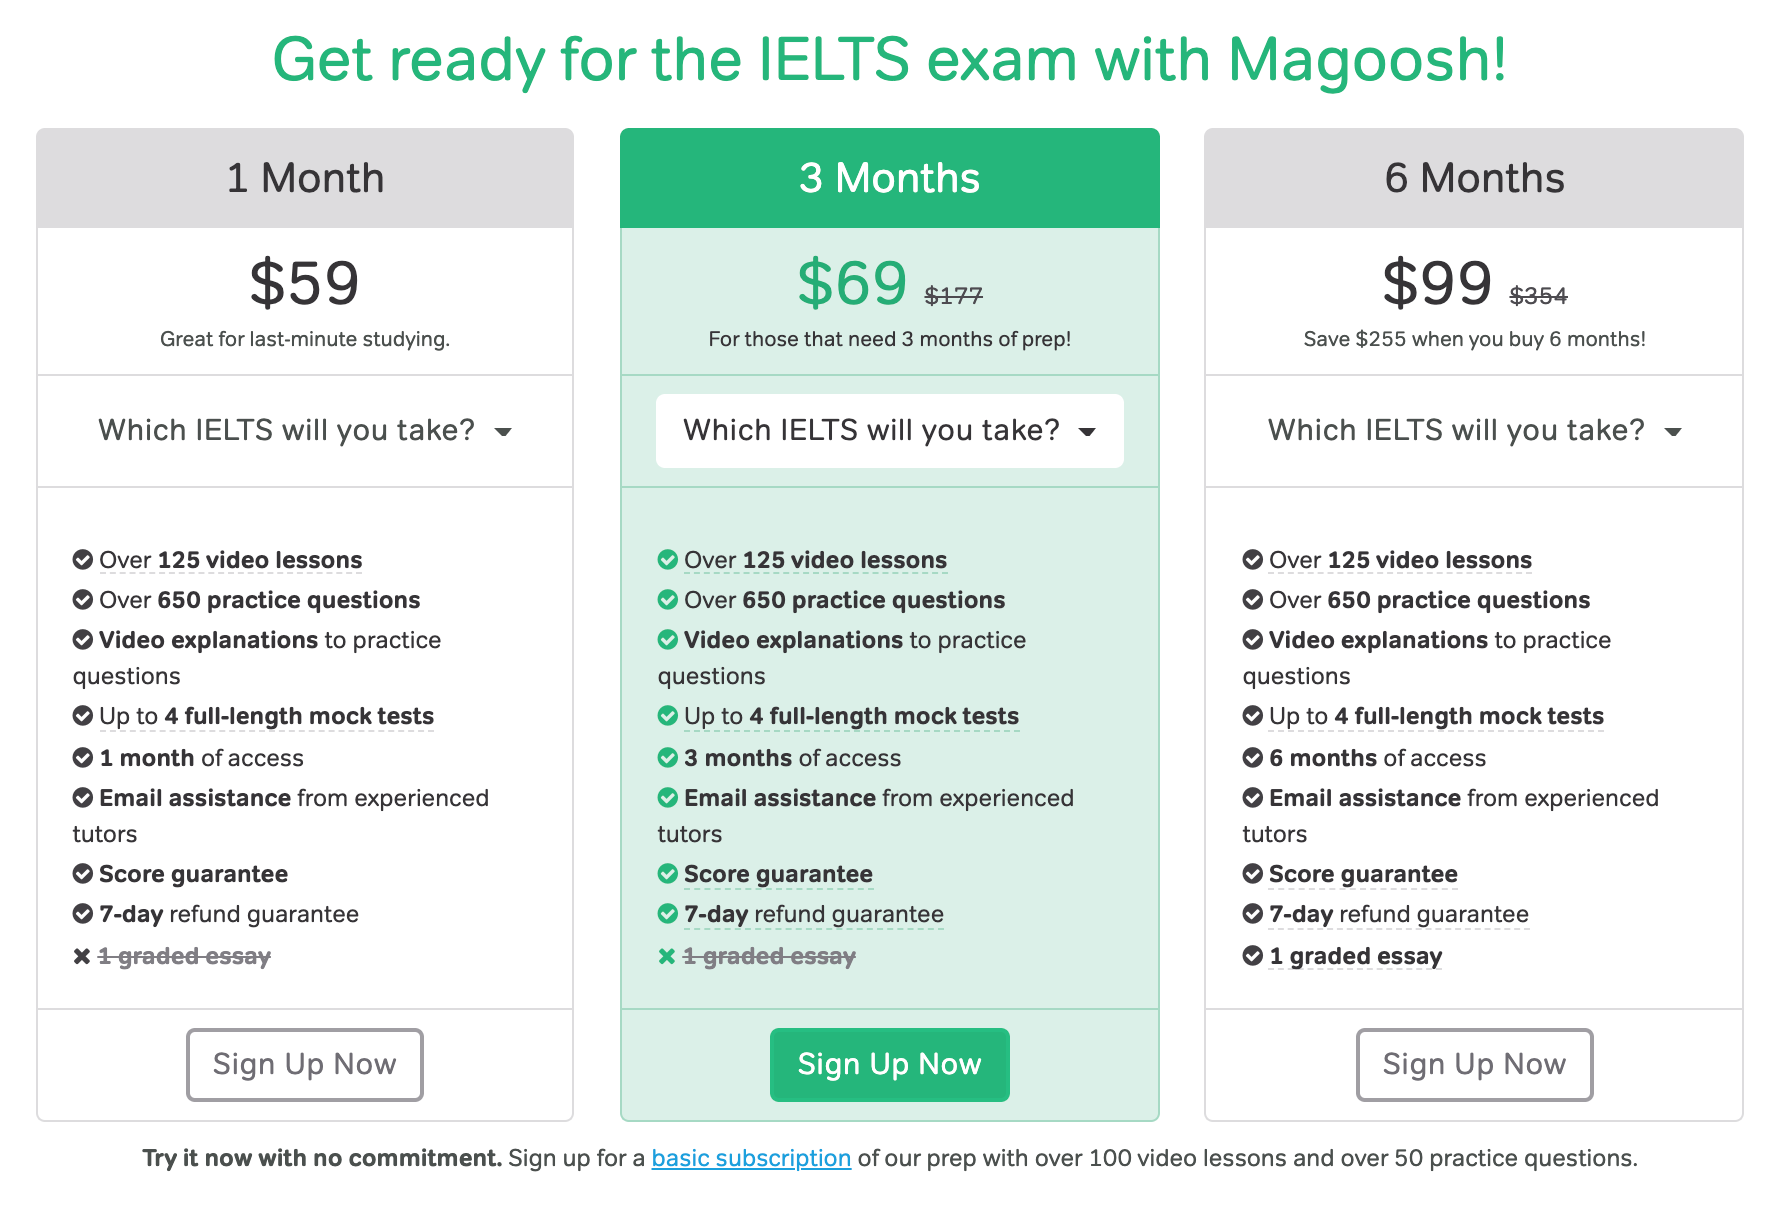 Magoosh IELTS Plans